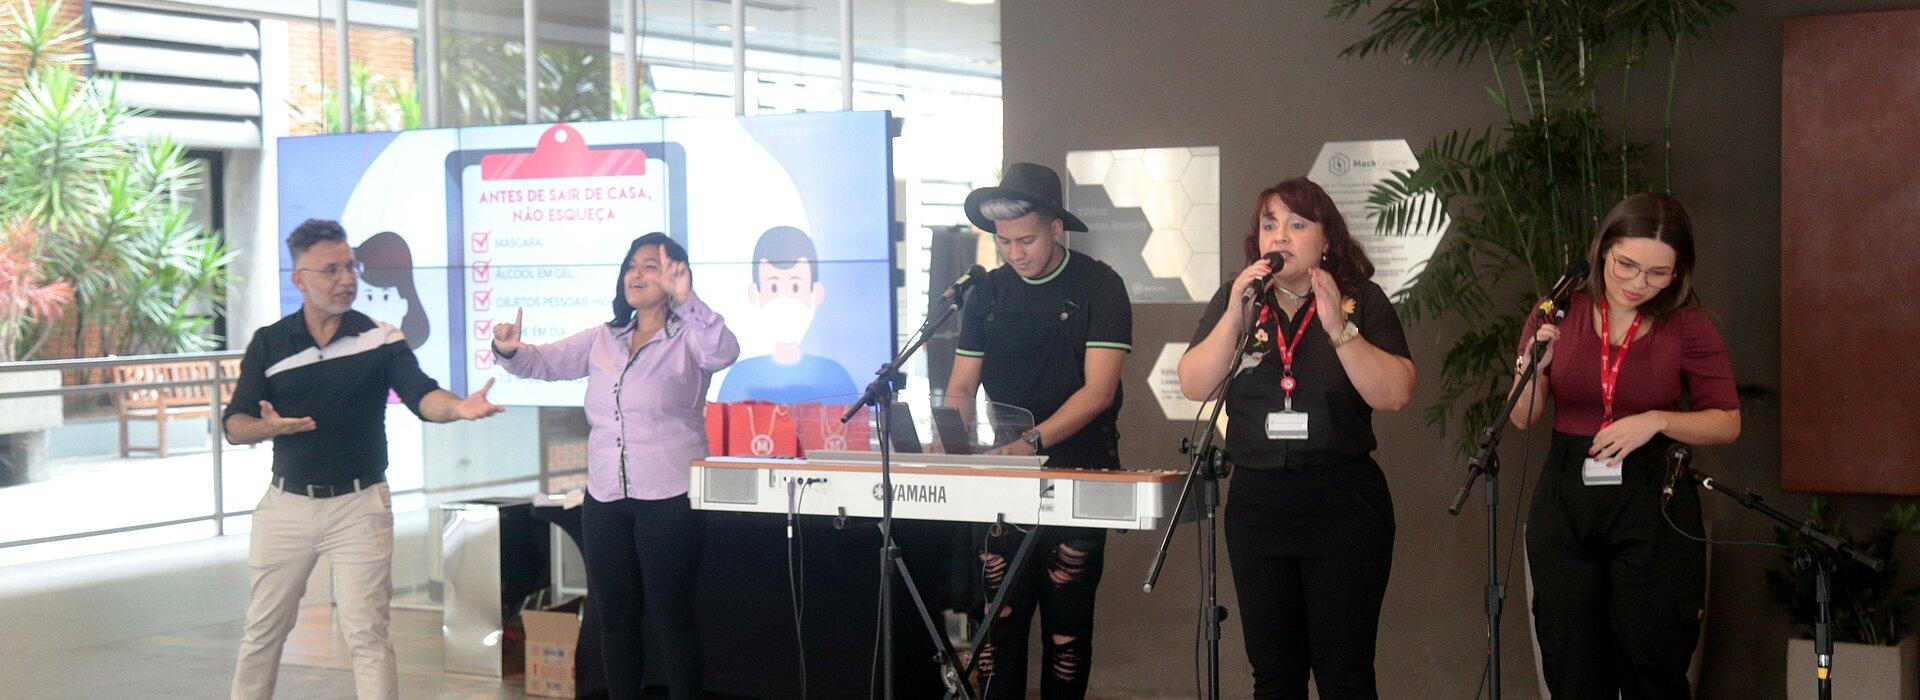 na imagem, cinco pessoas com instrumentos musicais se apresentam